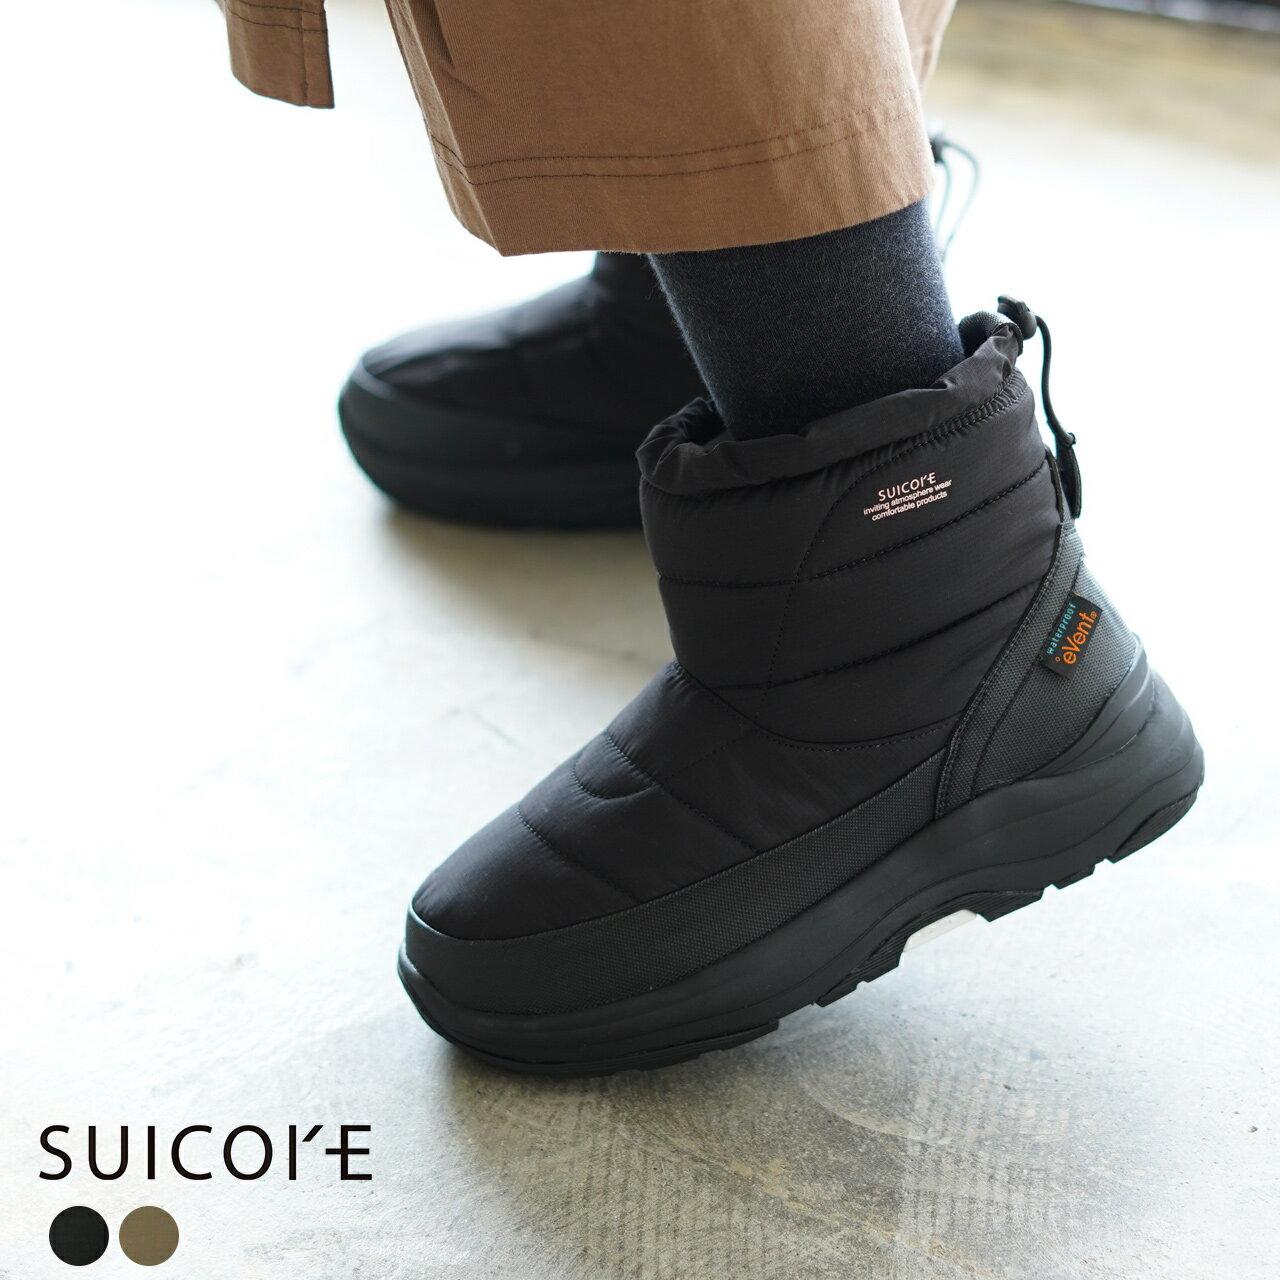 レディース靴, スノーシューズ  SUICOKE BOWER 2021 OG-222 23.0-29.0cm 0806